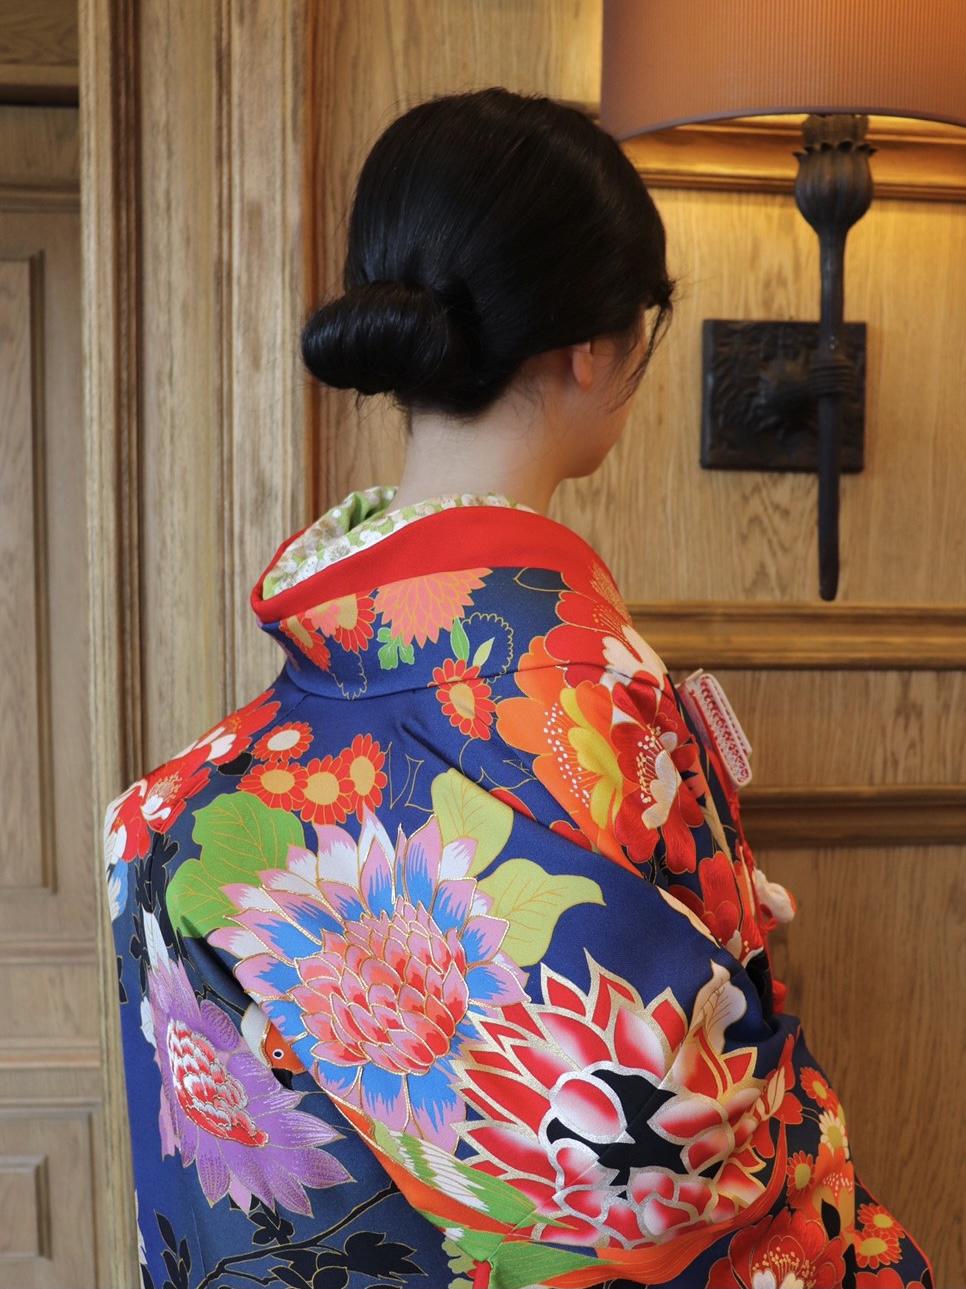 ザ・トリートドレッシング名古屋店でおすすめの紺色の色打掛のモダンなコーディネート